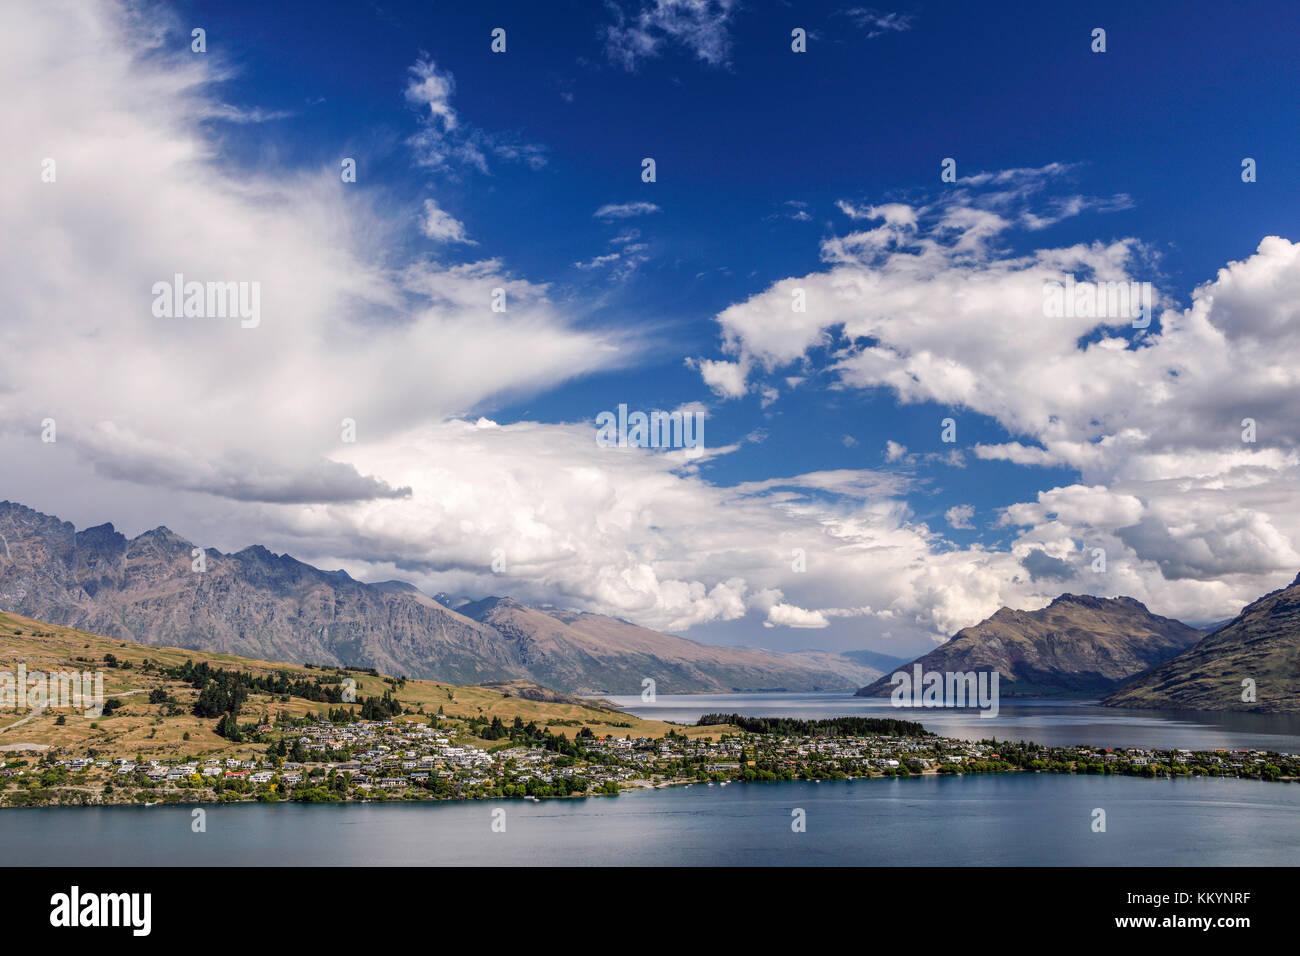 Las nubes encima de Queenstown, la Región de Otago, Nueva Zelanda. Imagen De Stock